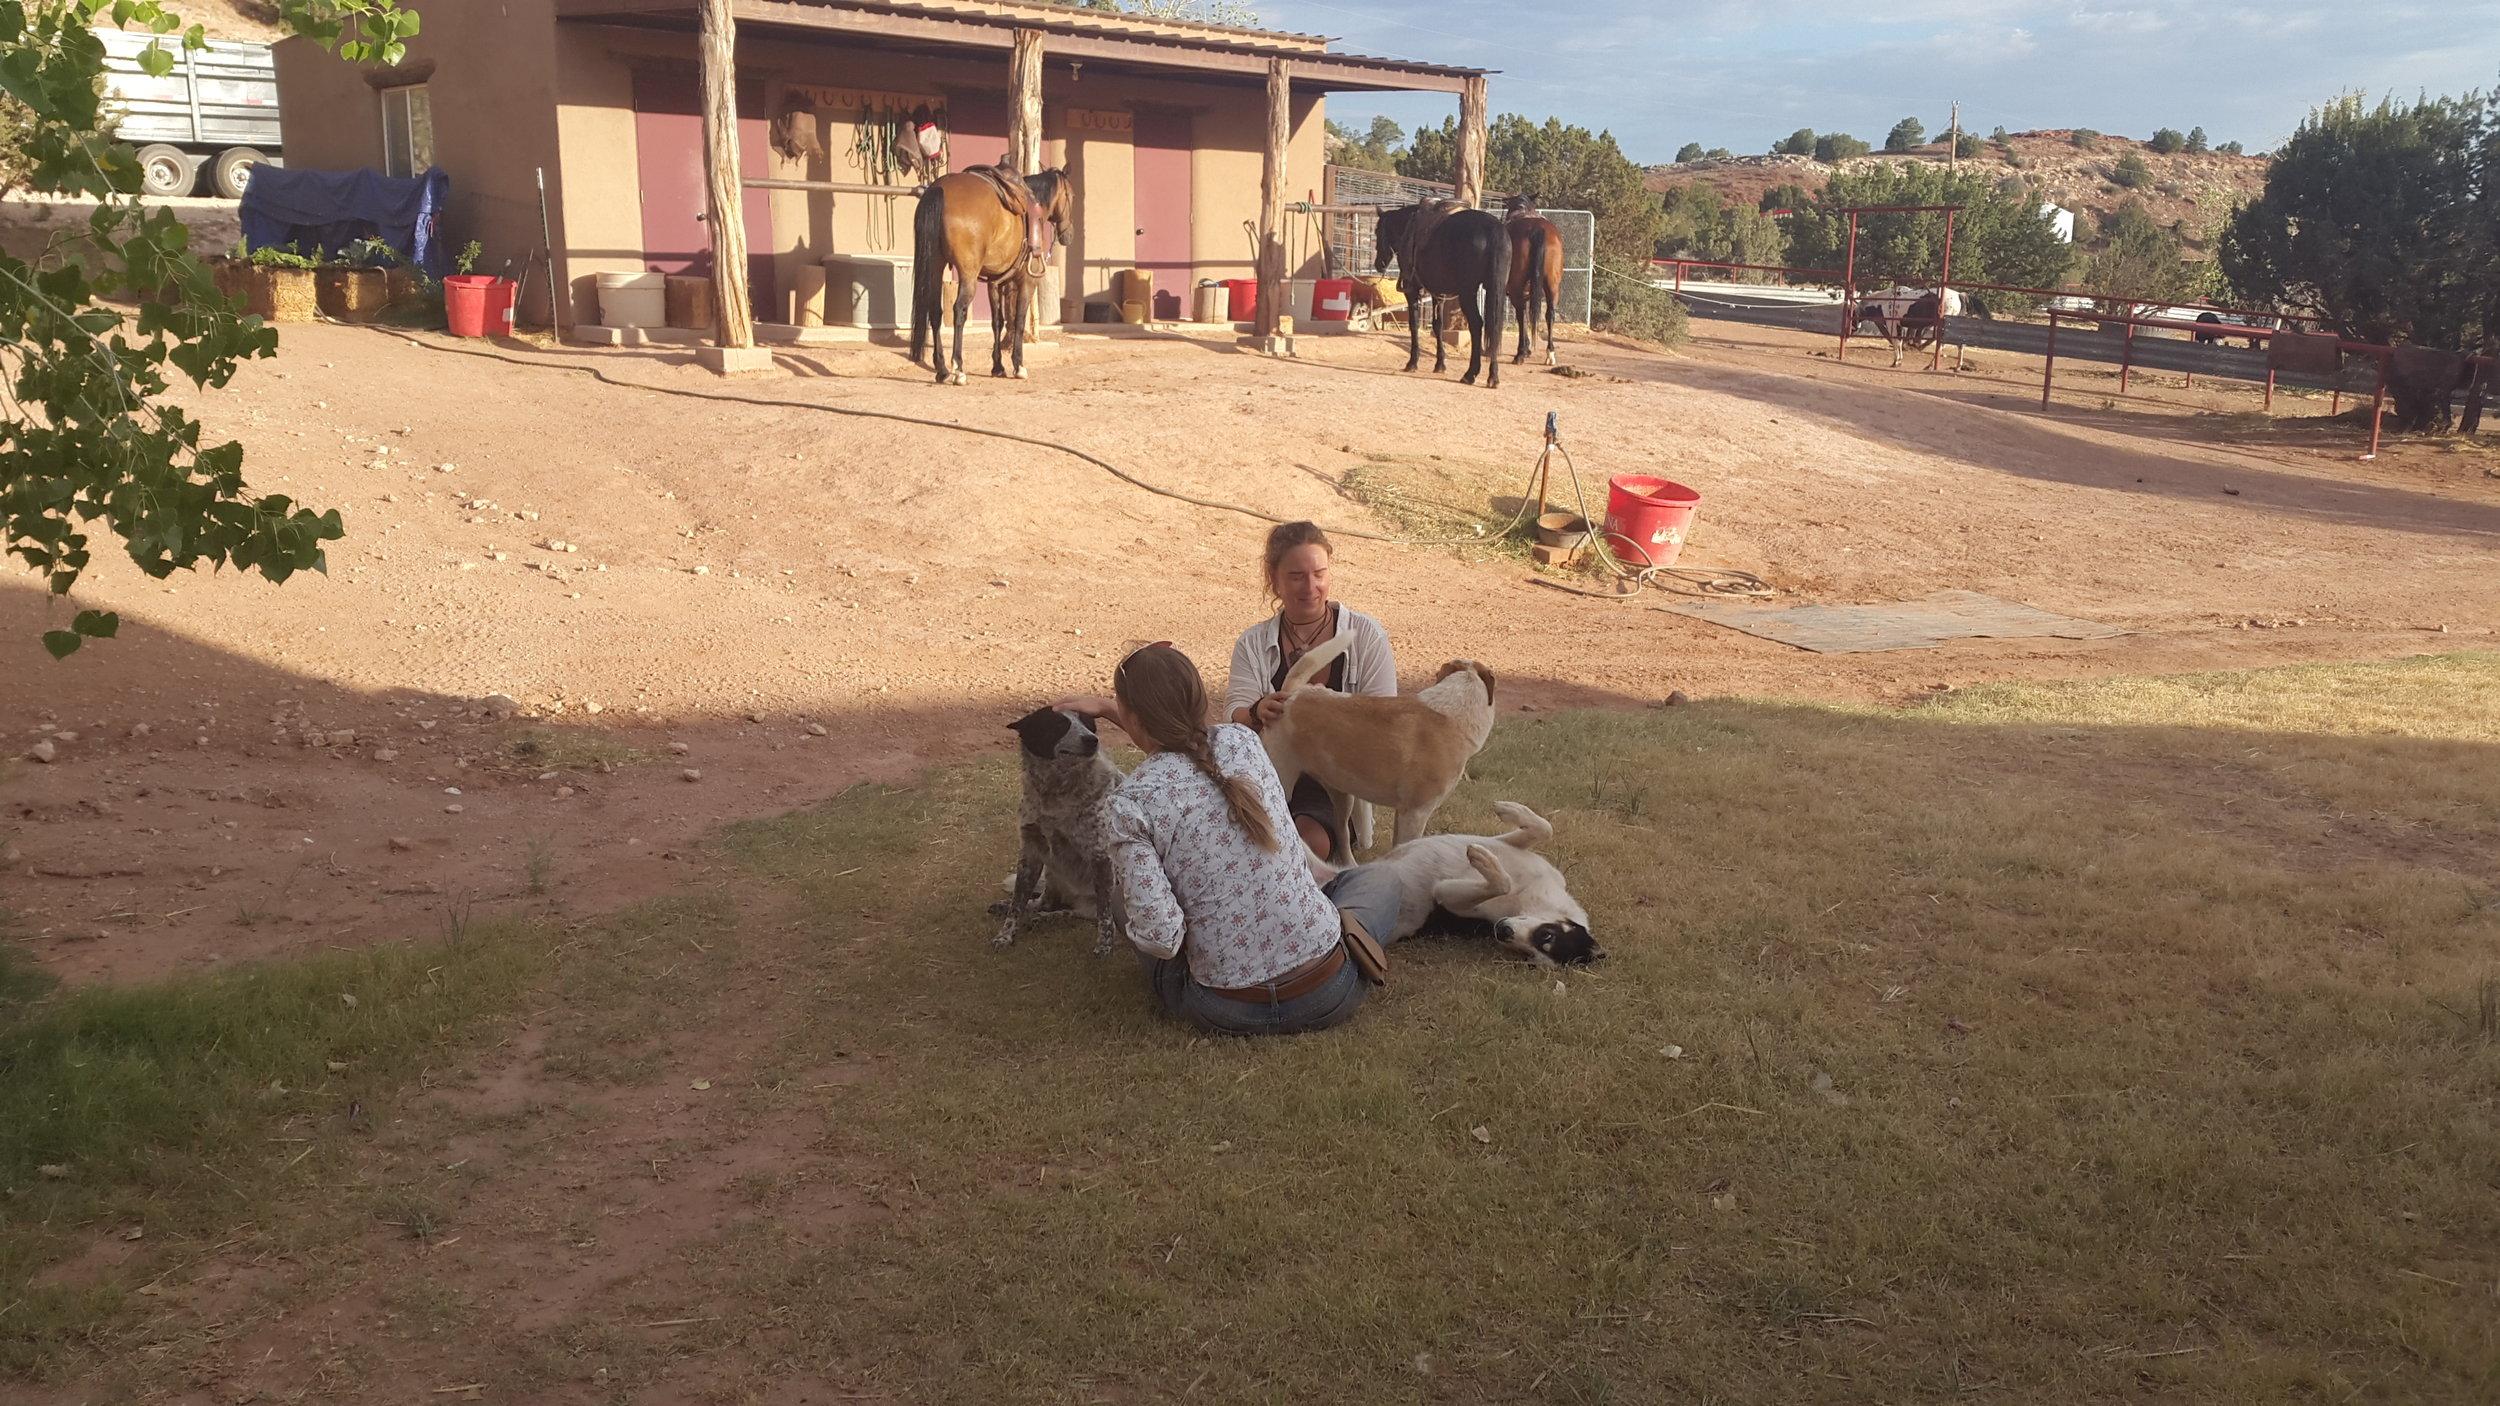 Time to pet the dogs in-between while the already saddled horses are waiting for the action.  Zeit um die Hunde zu streicheln, während die bereits gesattelten Pferde auf den Aufbruch warten.